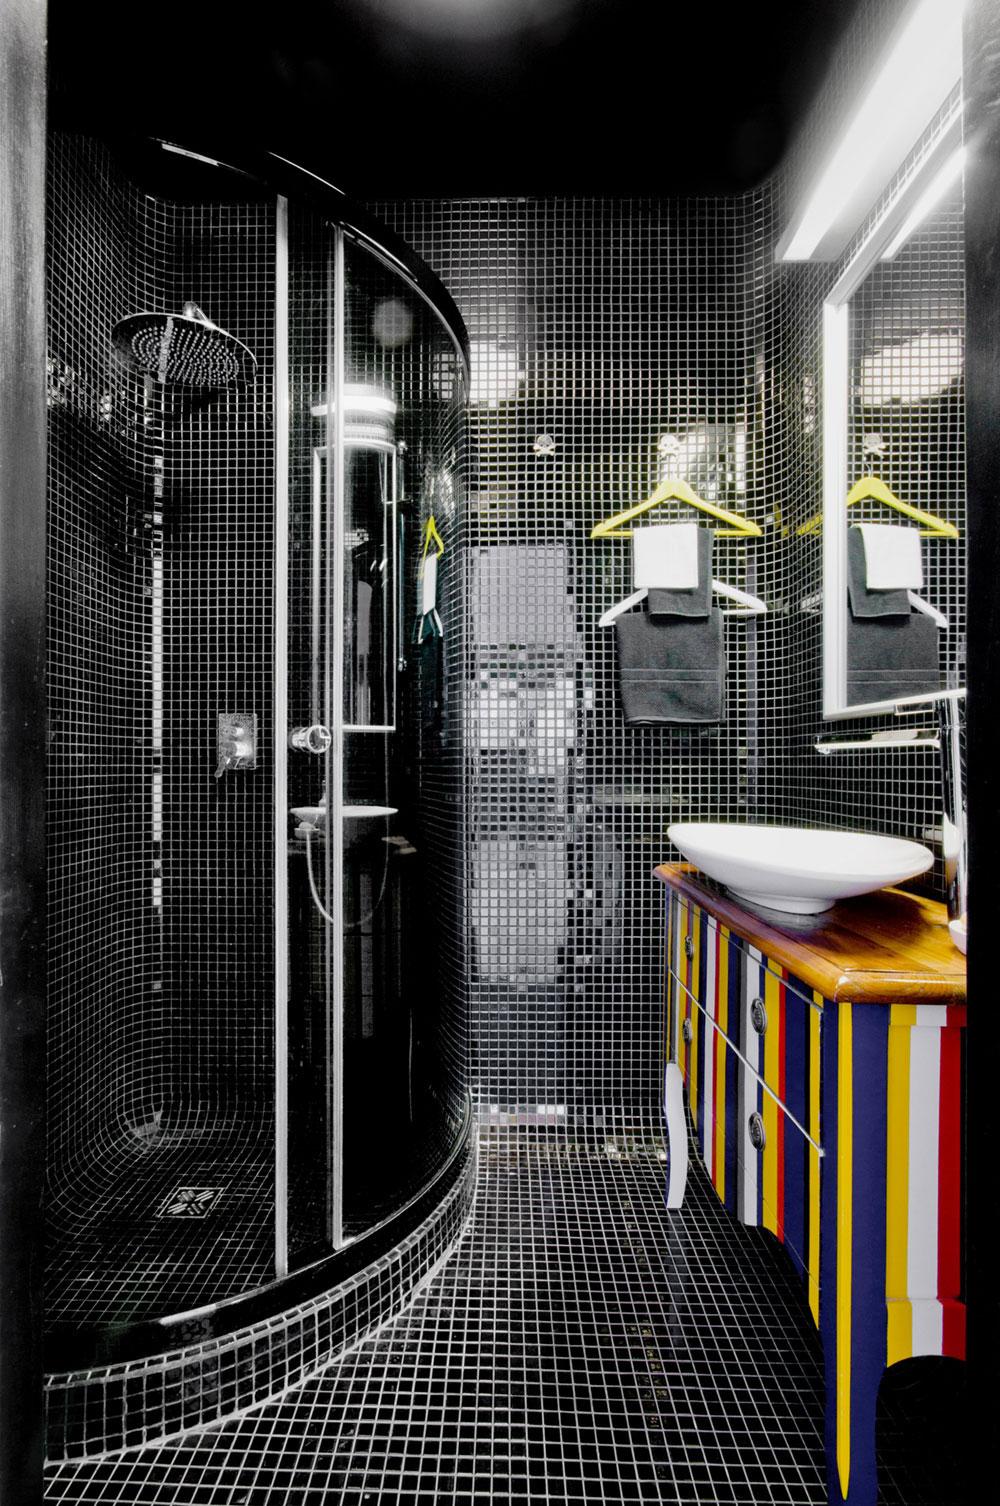 Classic bathroom interior design - Classic Bathroom Interior Design Examples That Stand Out